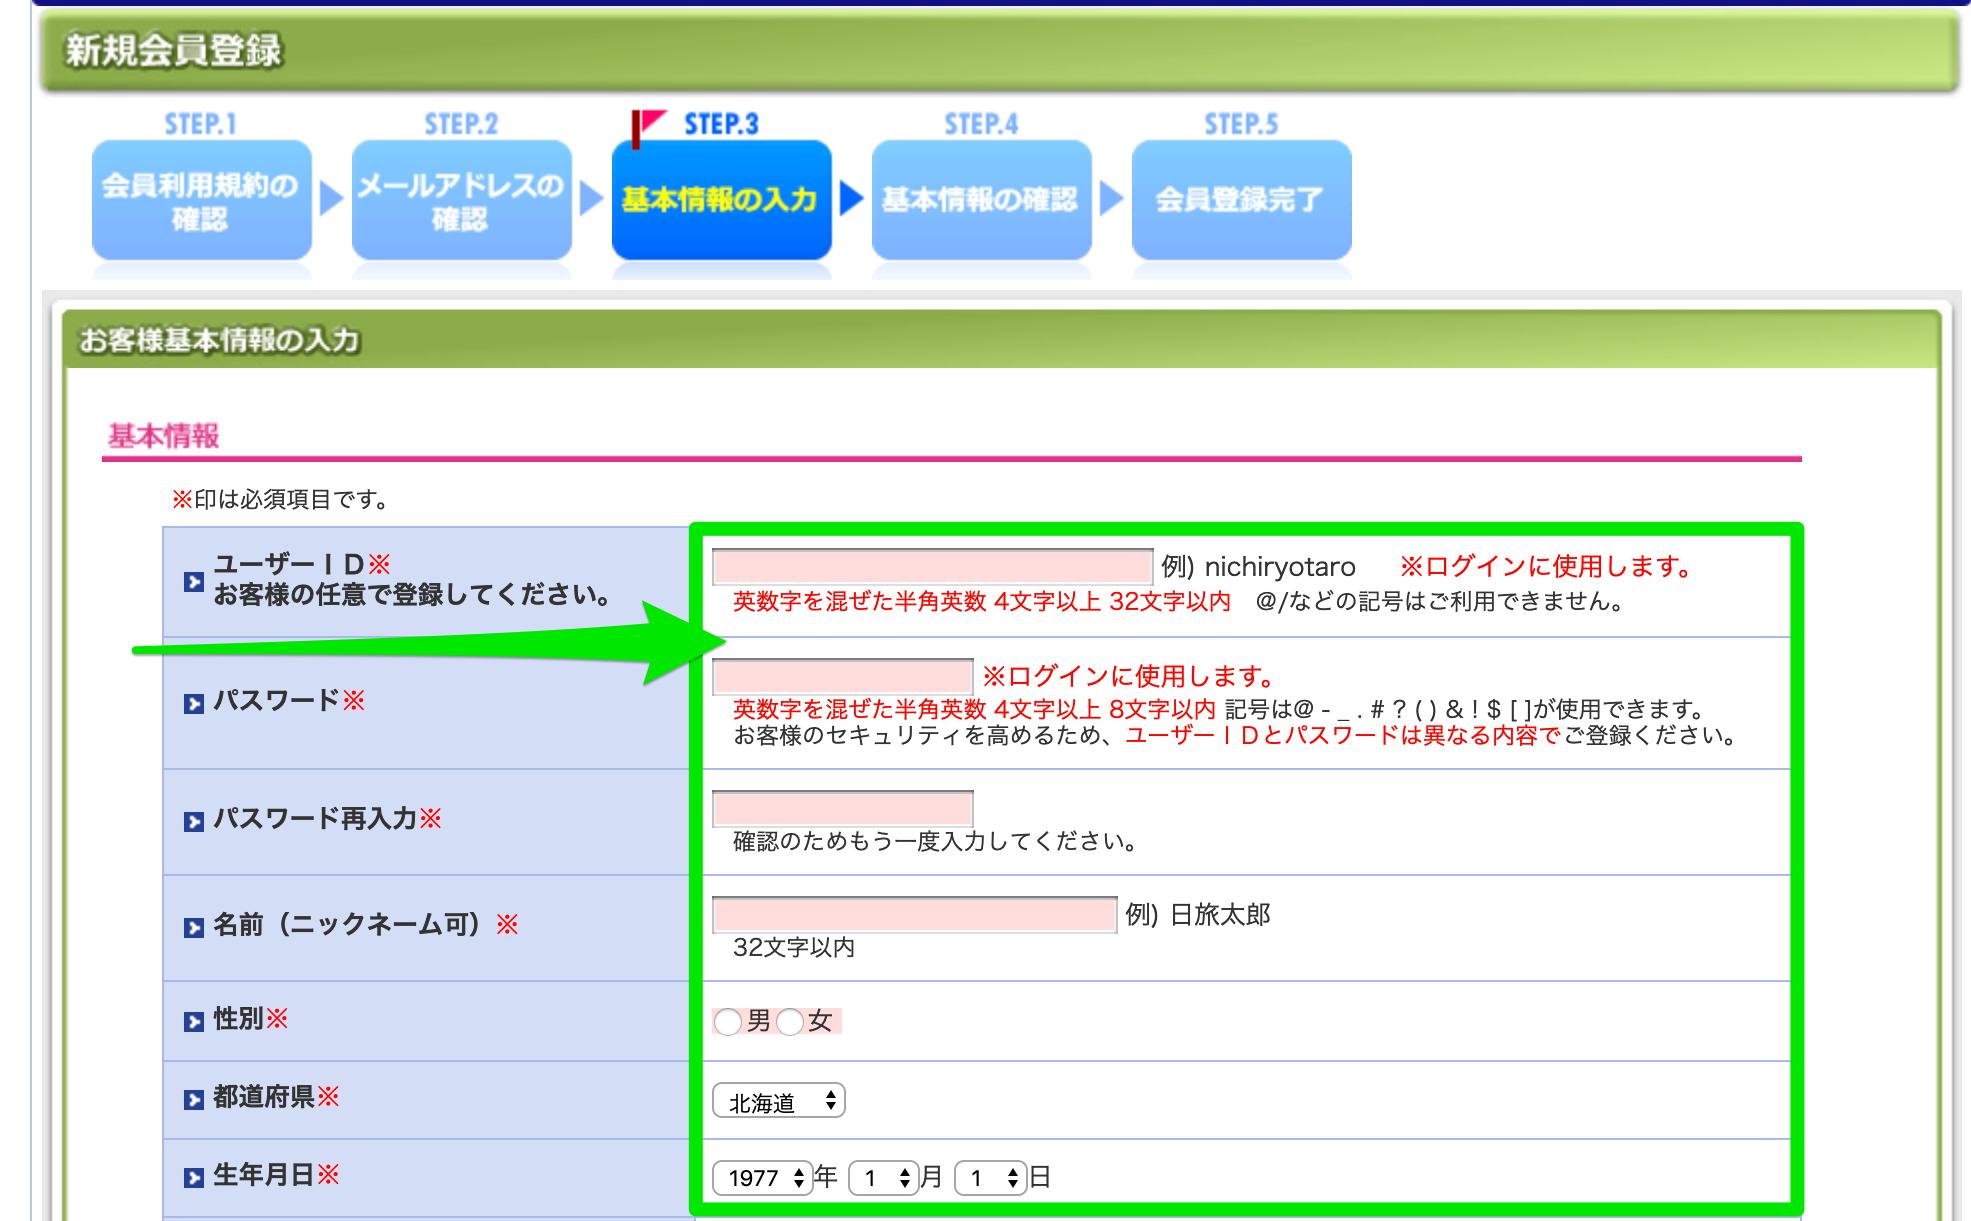 日本旅行の無料会員登録の手続きで会員情報を入力